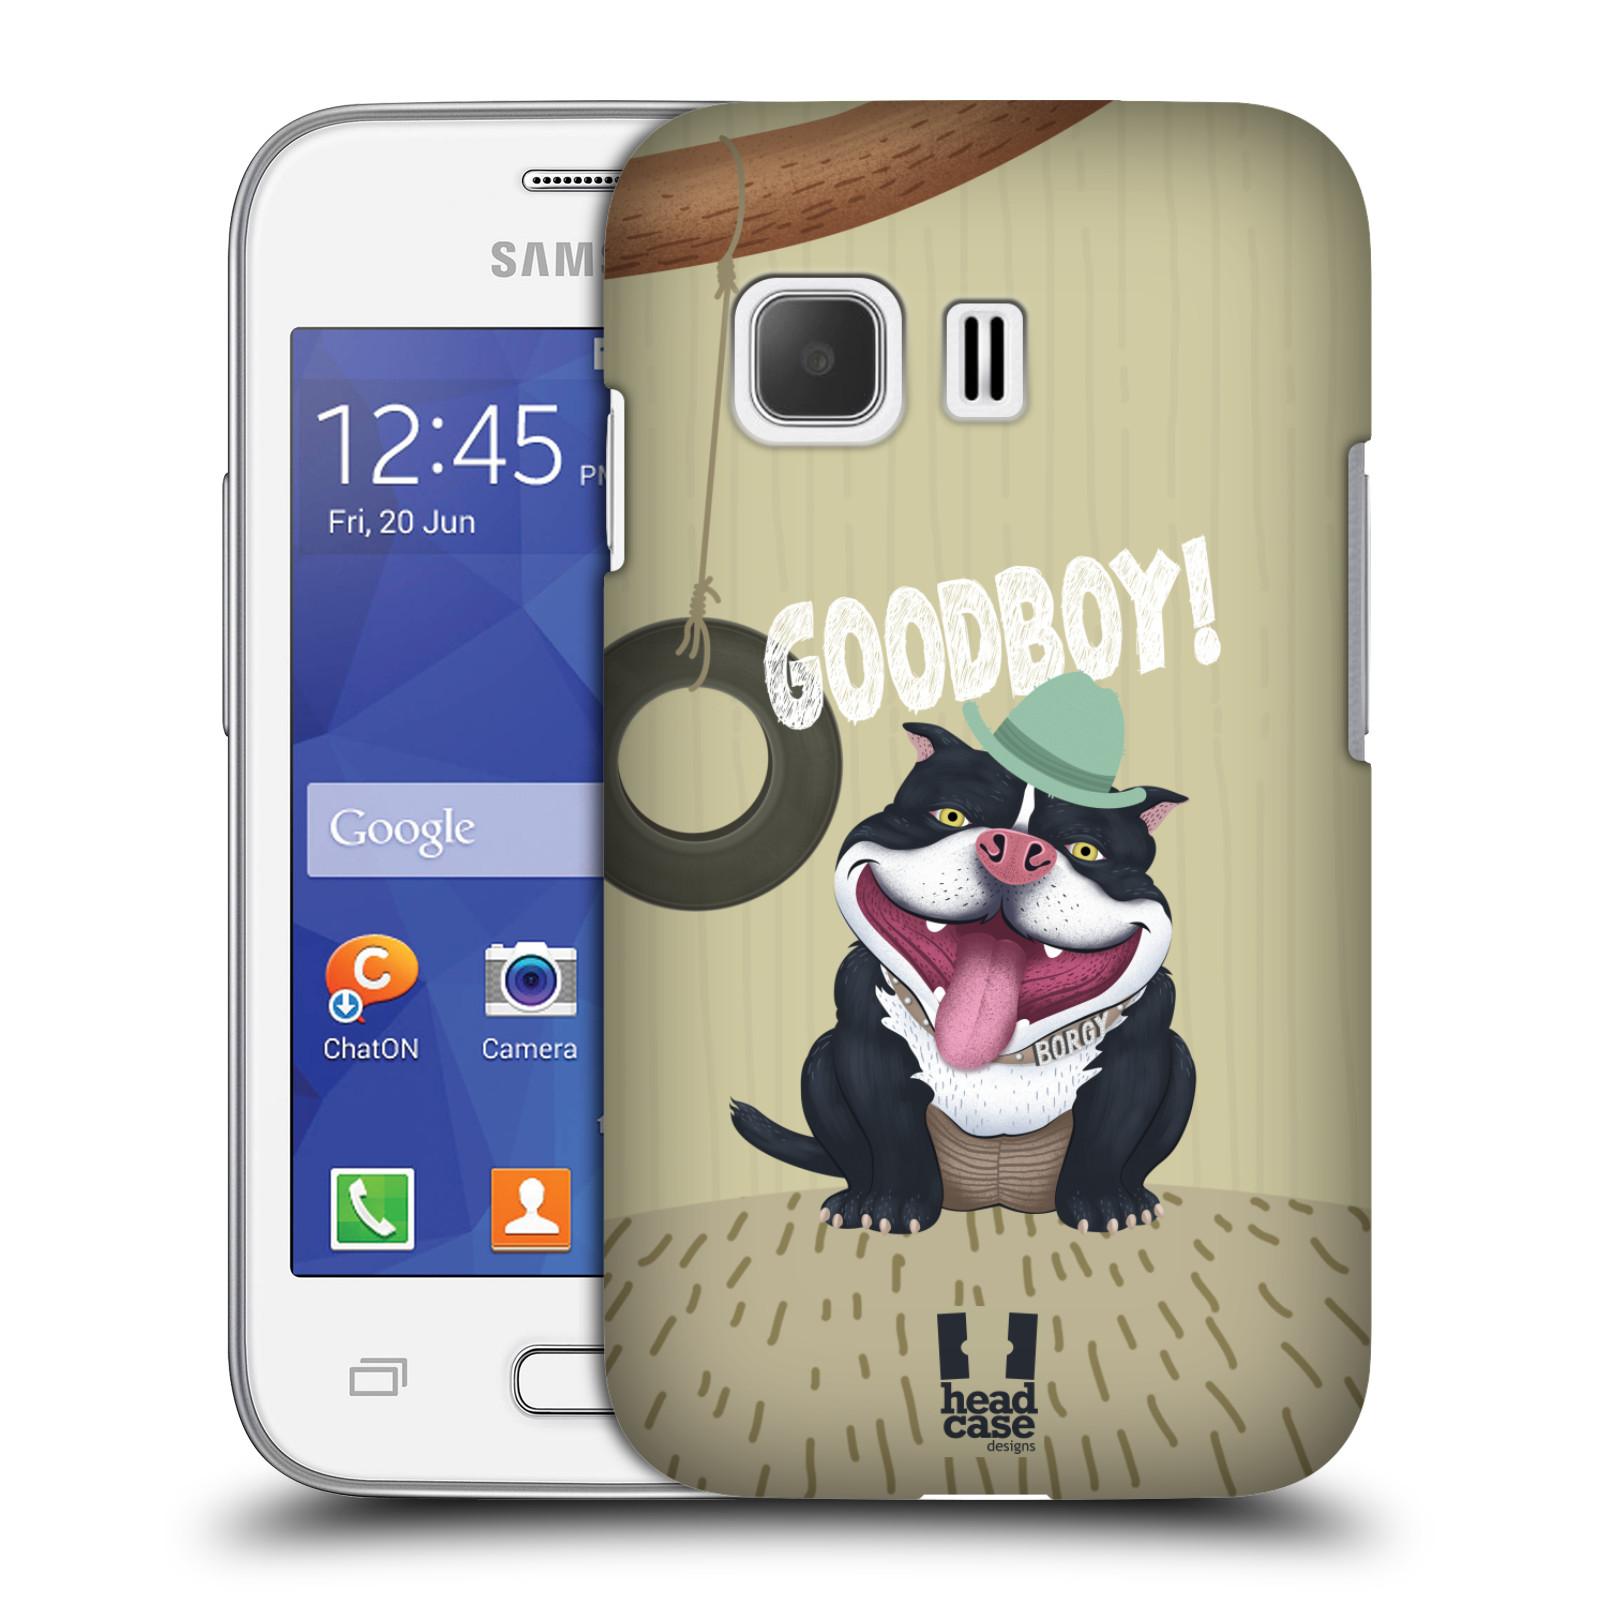 Plastové pouzdro na mobil Samsung Galaxy Young 2 HEAD CASE Goodboy! Pejsek (Kryt či obal na mobilní telefon Samsung Galaxy Young 2 SM-G130)